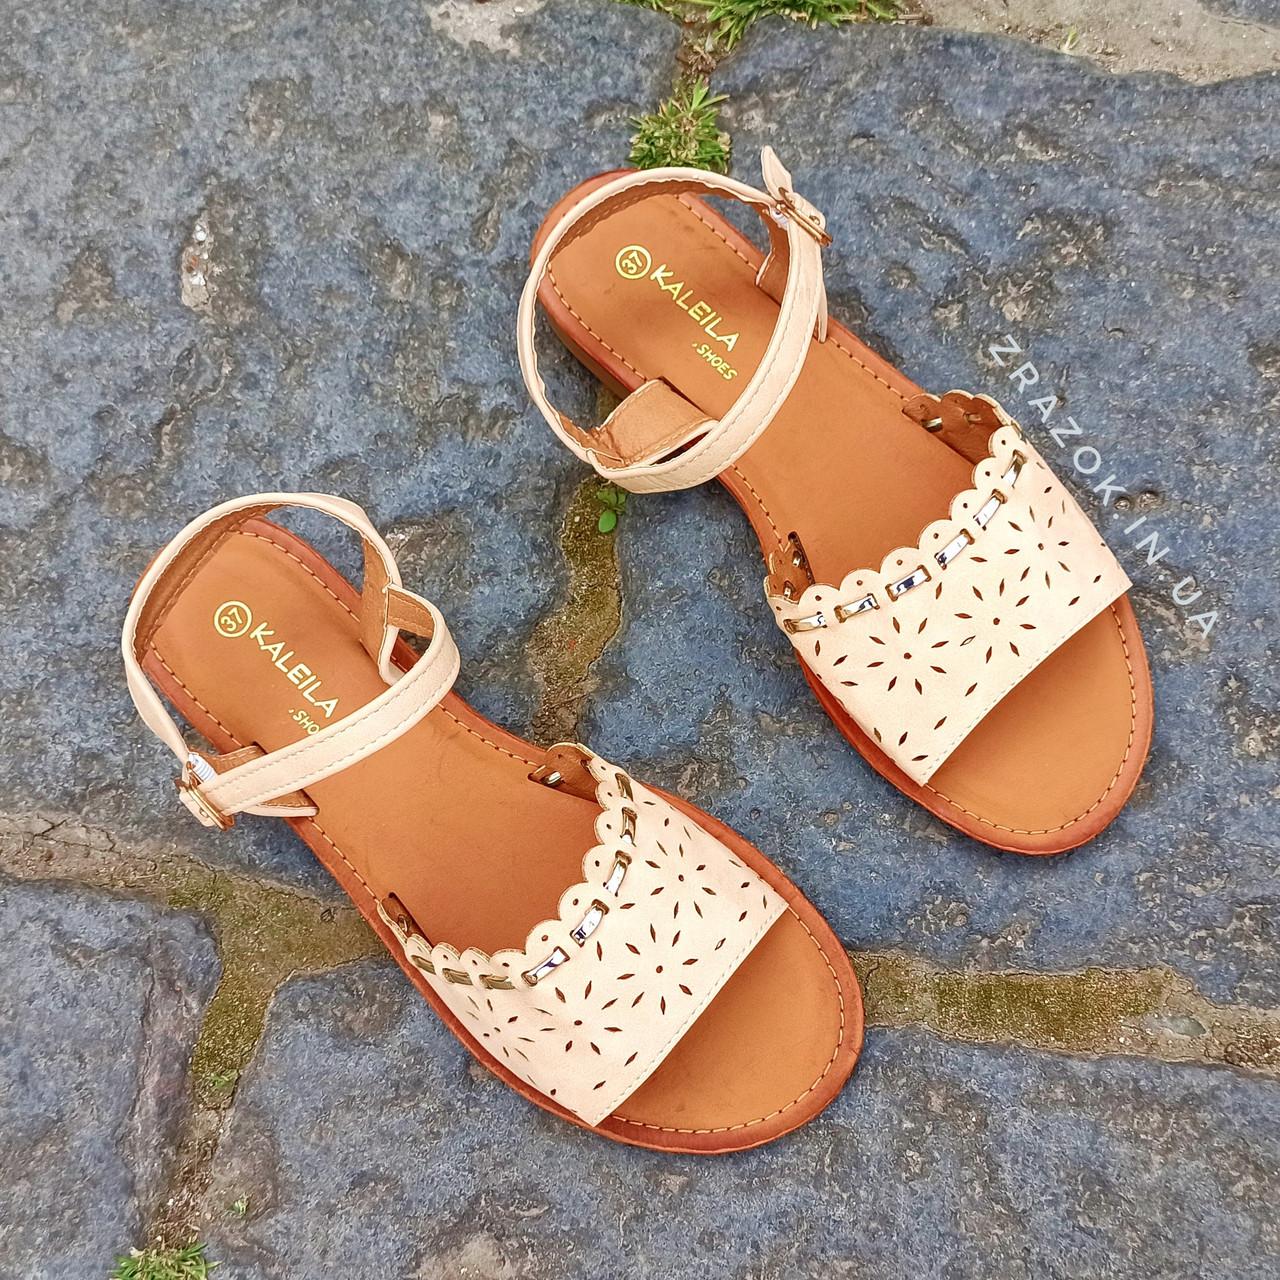 Сандалии Шлепки босоножки на застежке на плоской подошве летние рыжие коричневые бежевые